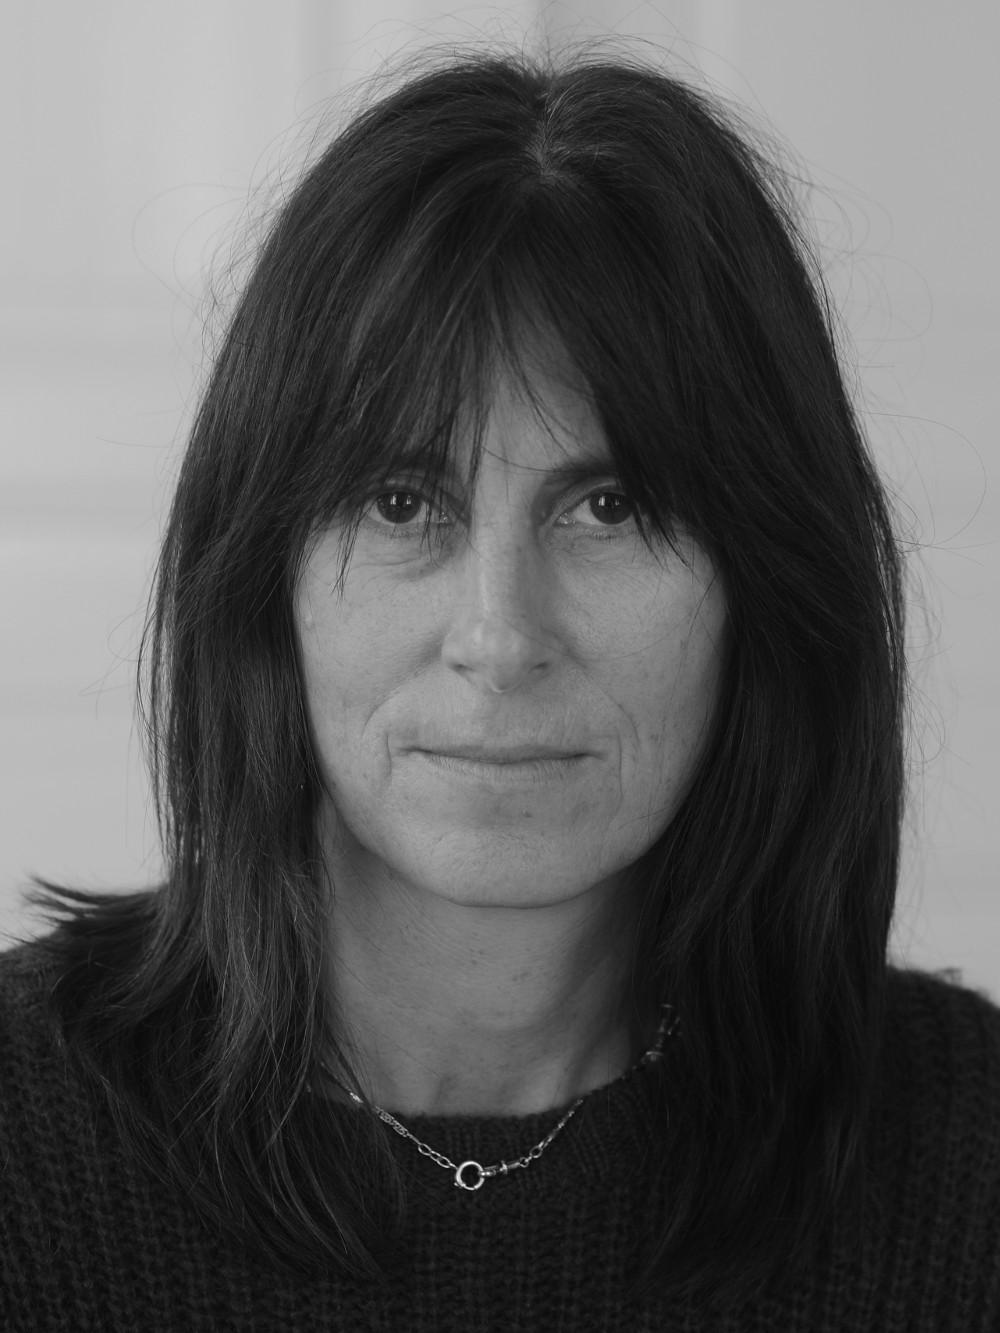 Laura Beatty